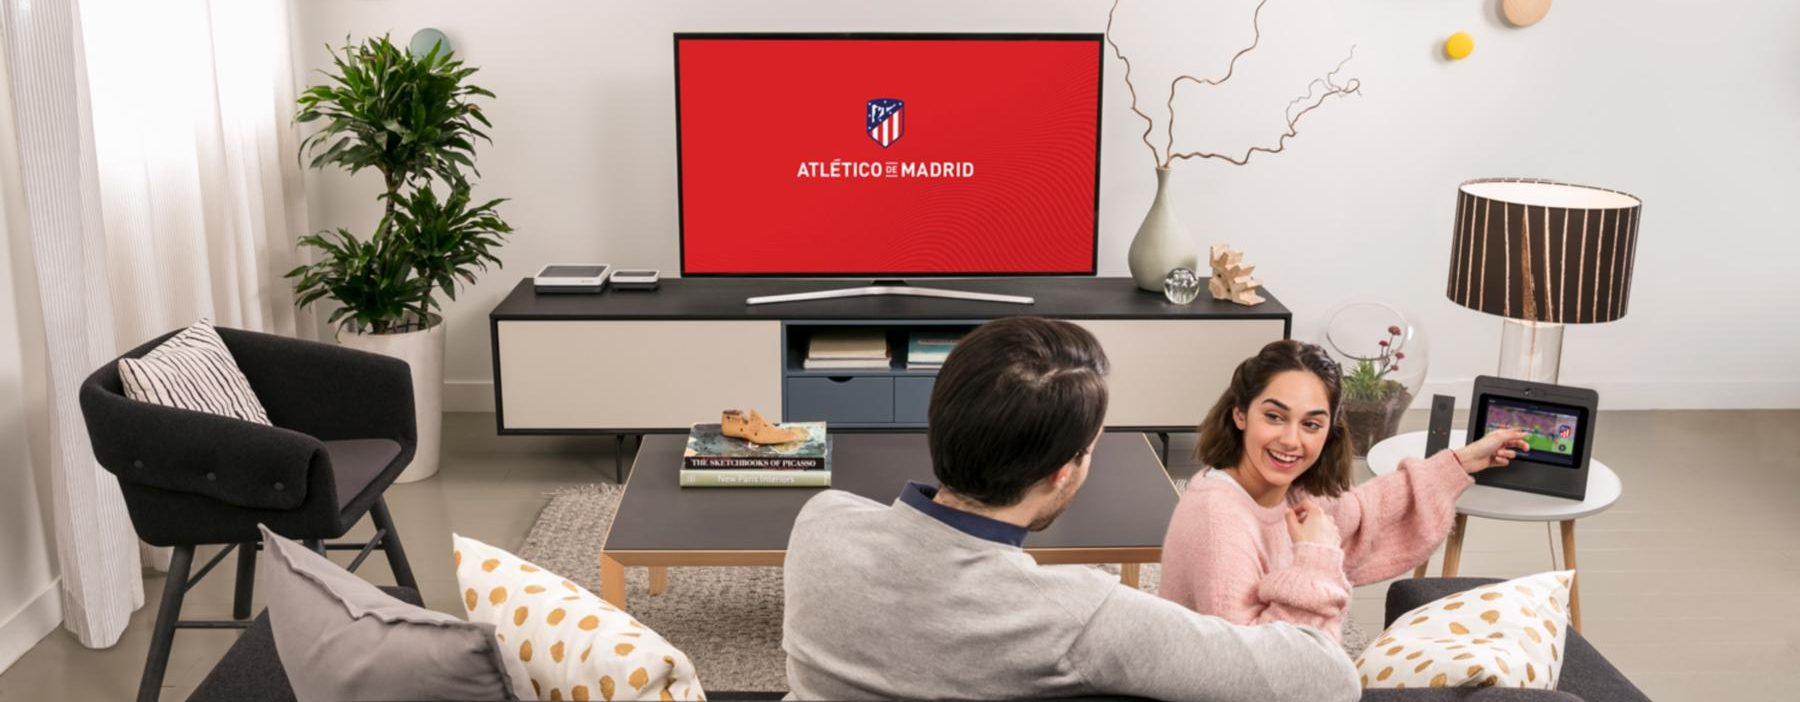 Cómo ver contenido exclusivo del Atlético de Madrid en Movistar+